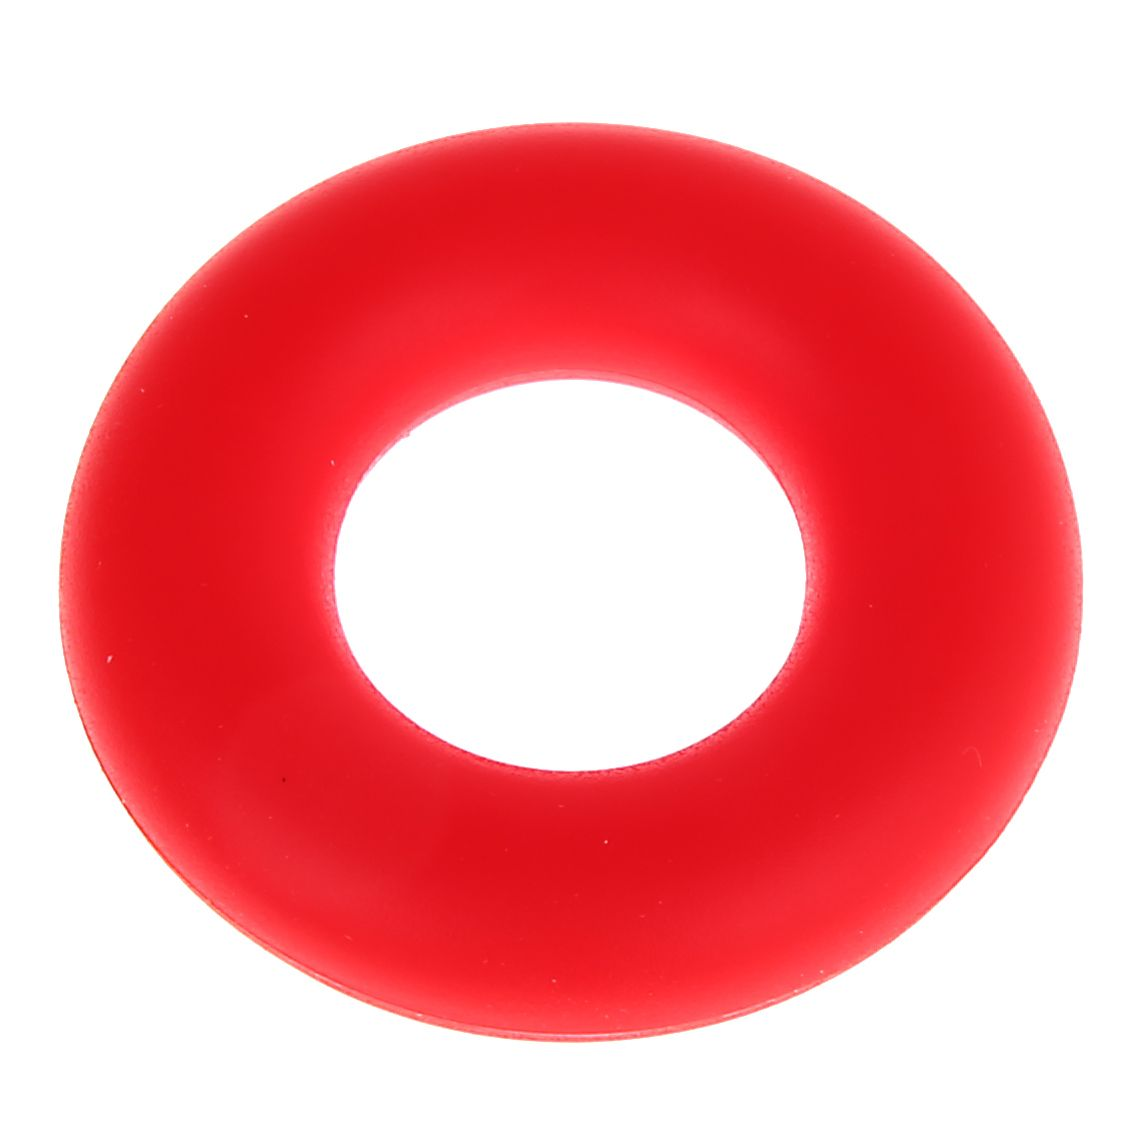 Silikongreifling  'rot' 0 auf Lager